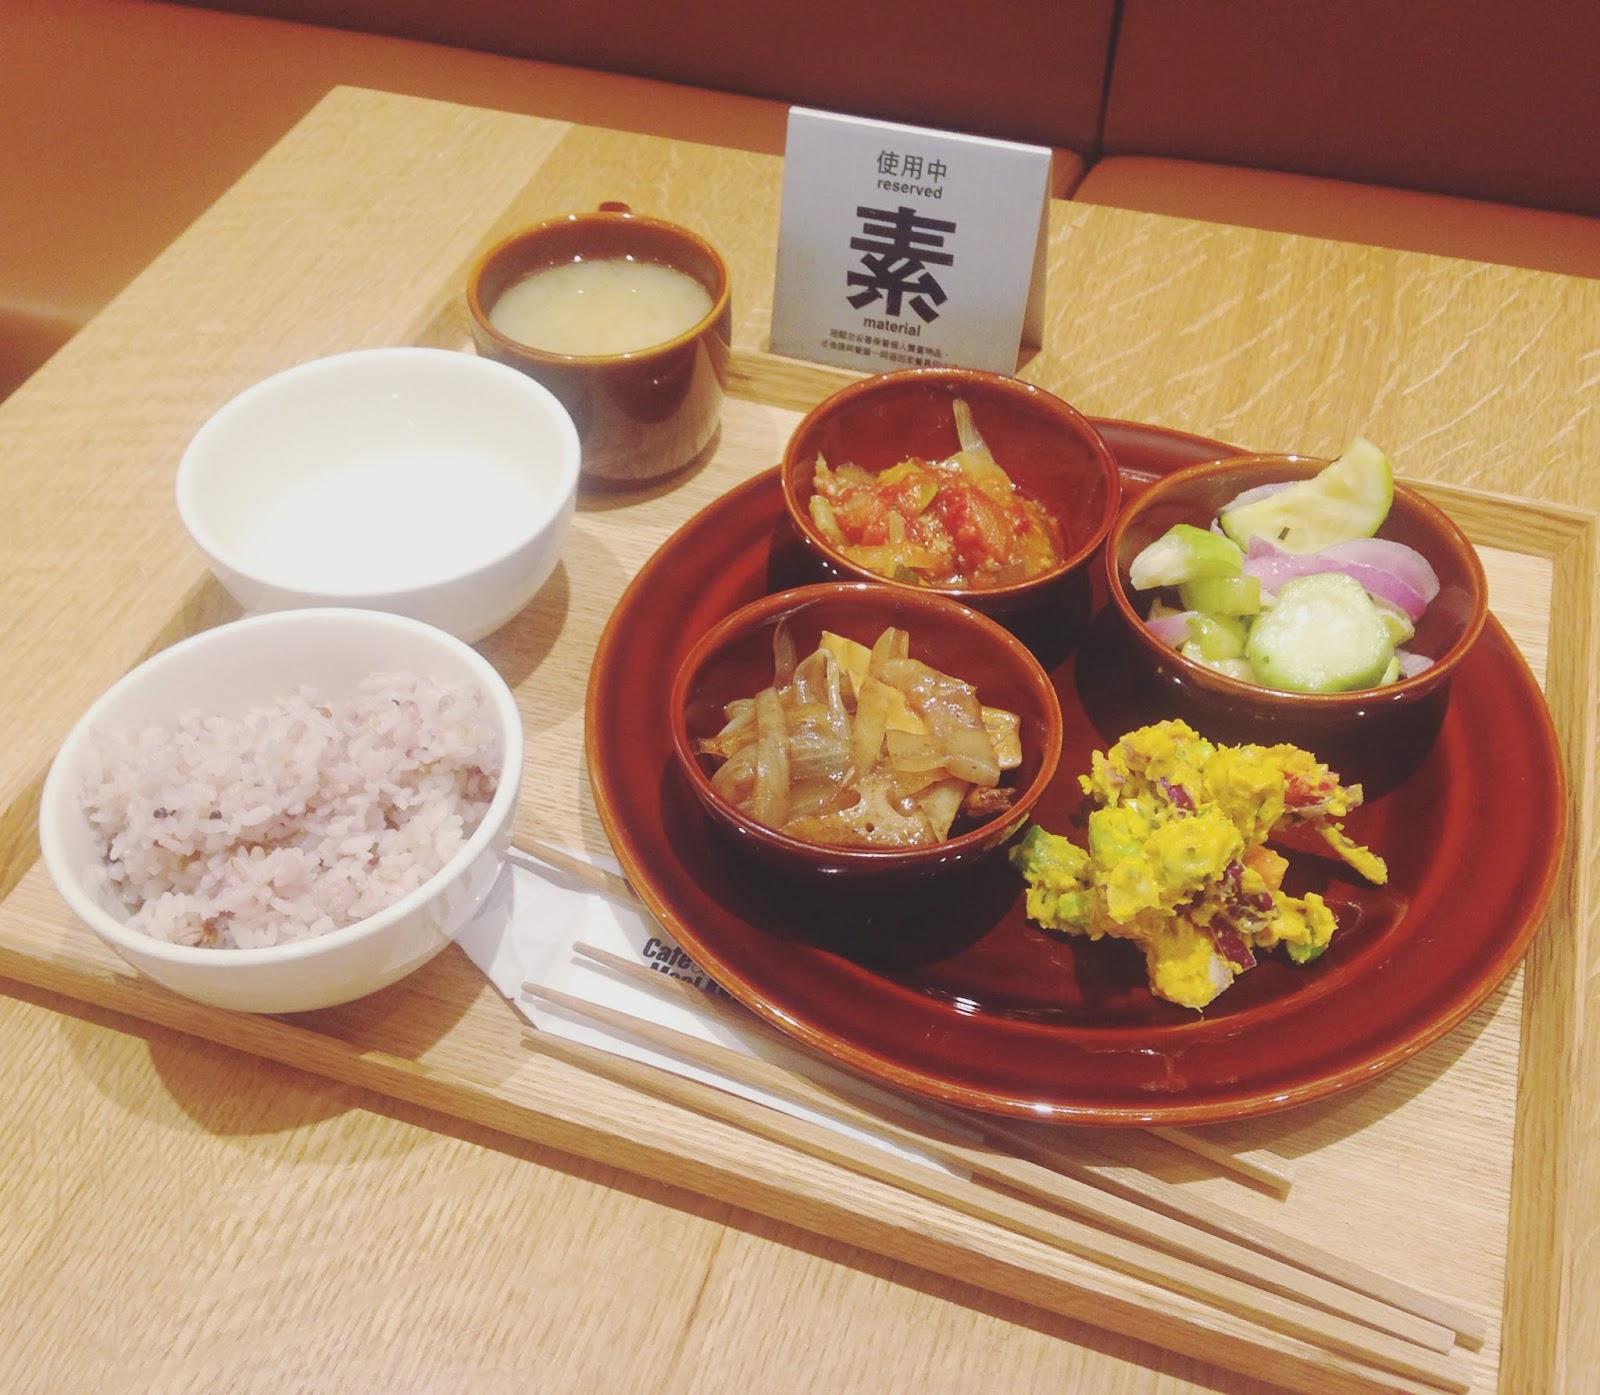 魔力™ OñLiñe手札 : 臺北阪急百貨 收服饕客的味蕾 ⇢Café & Meal MUJI 無印良品 質素之食